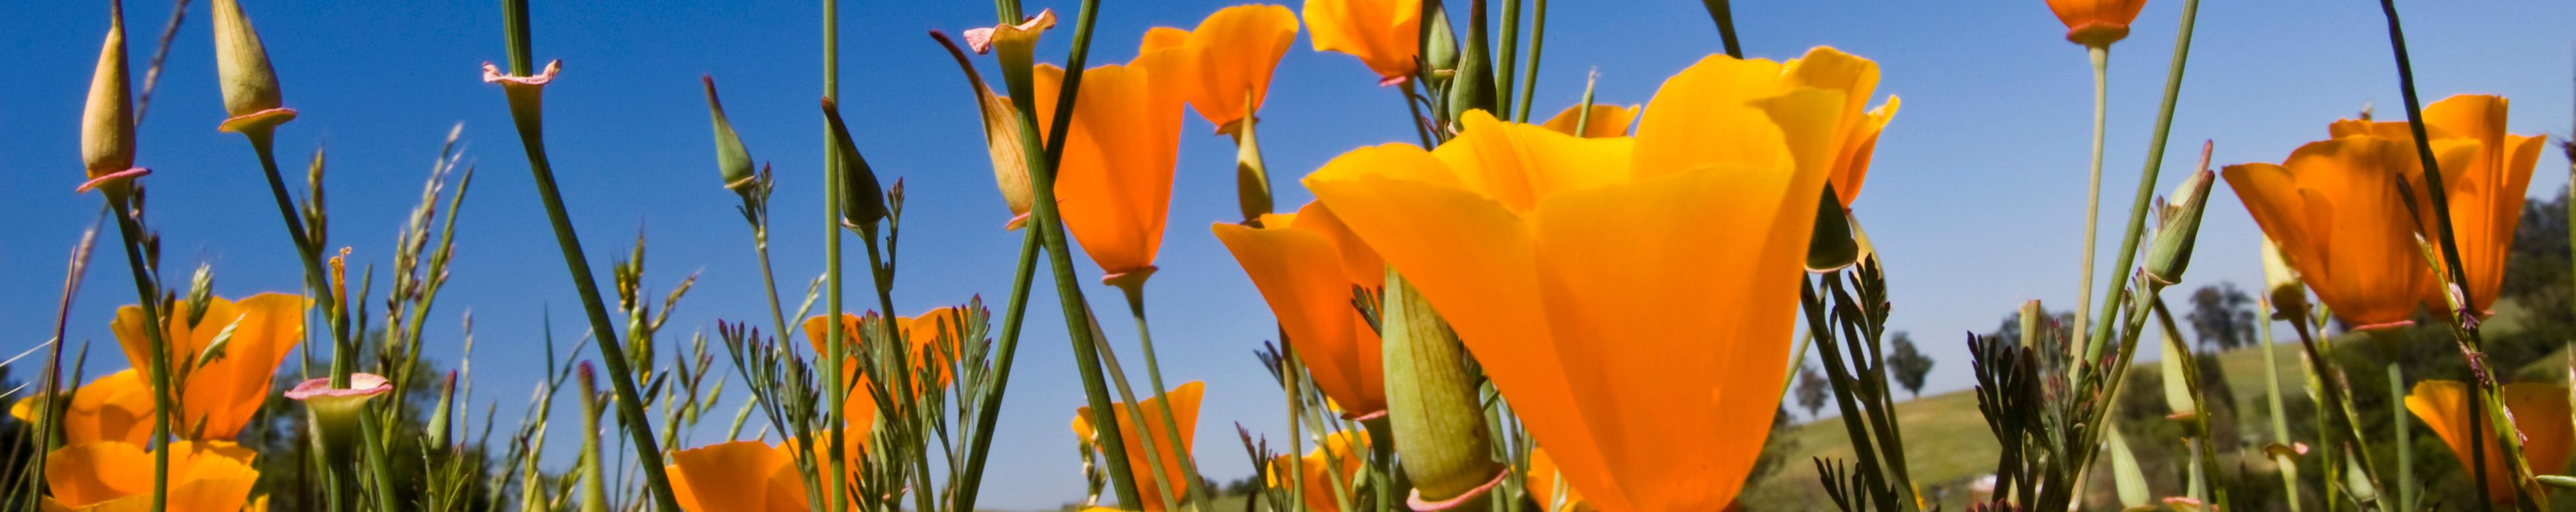 orangeFlower_wide3_flipped